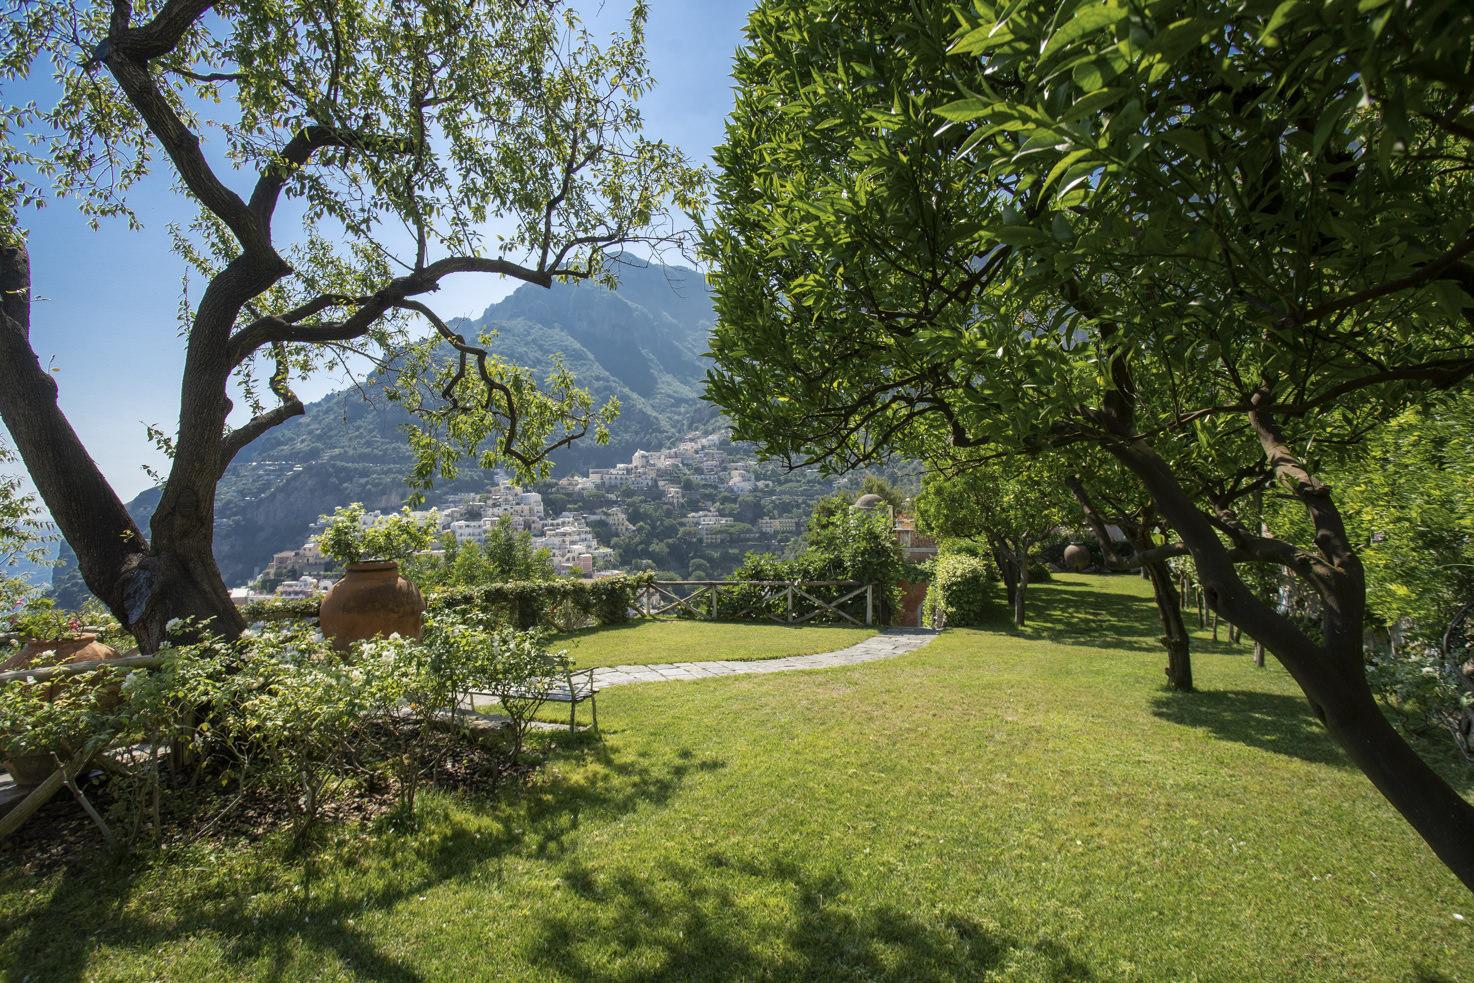 Gardens of Positano private villa